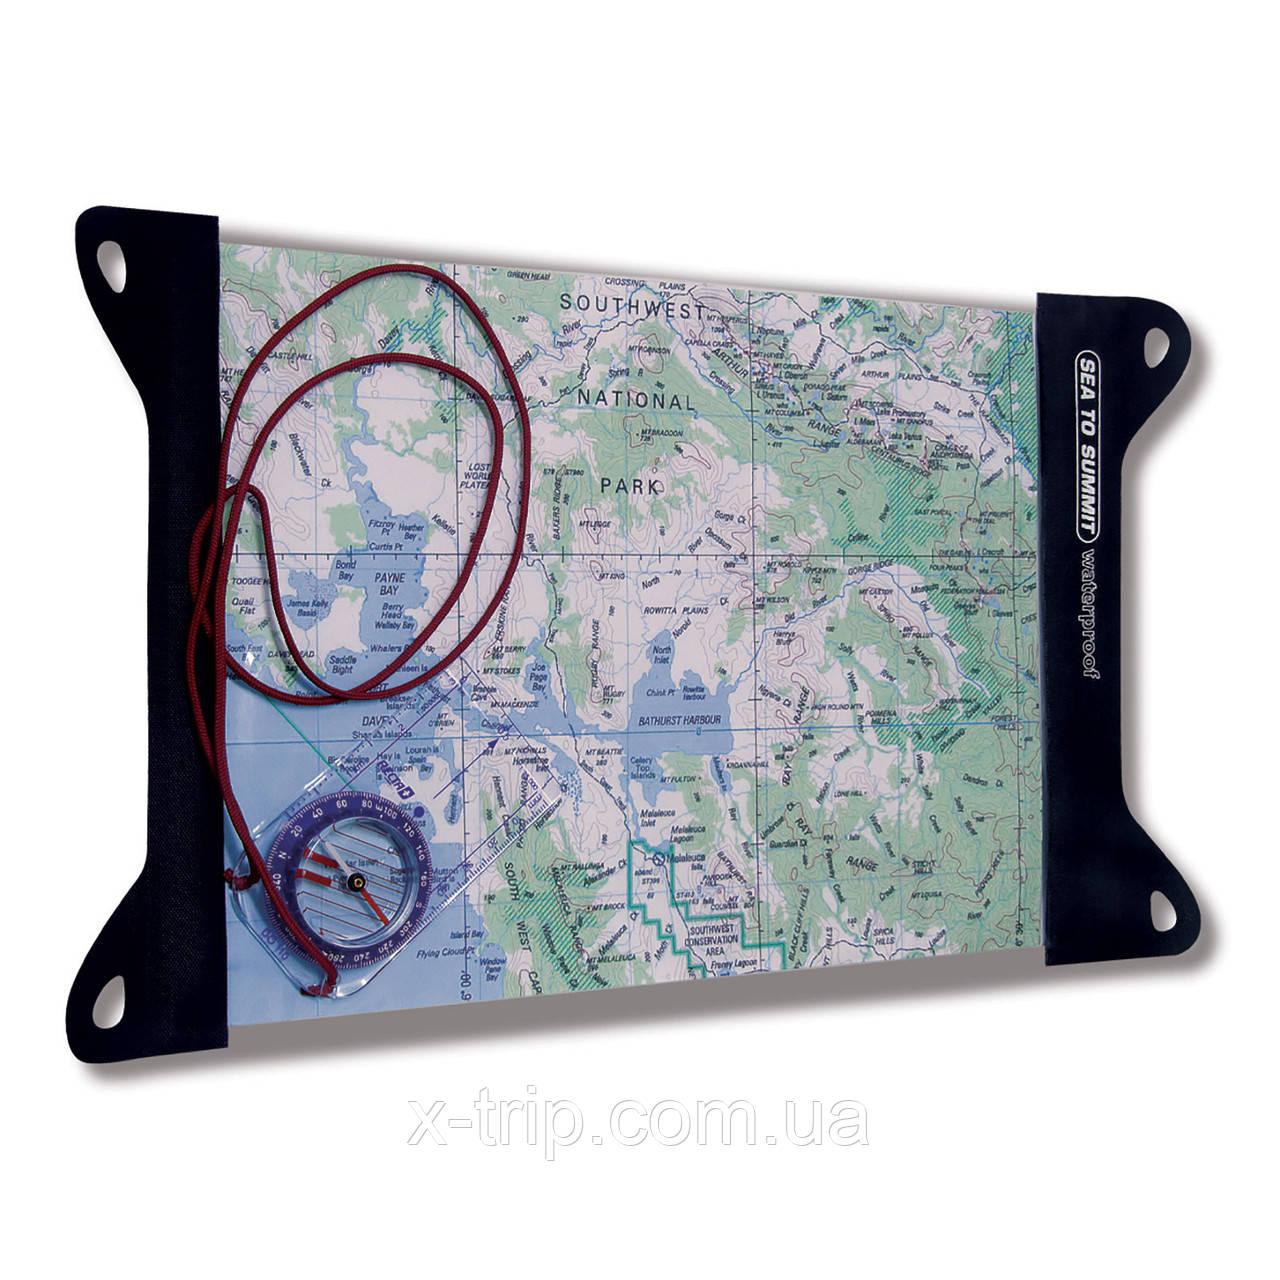 Туристическая карта и компас, чехлы для карты